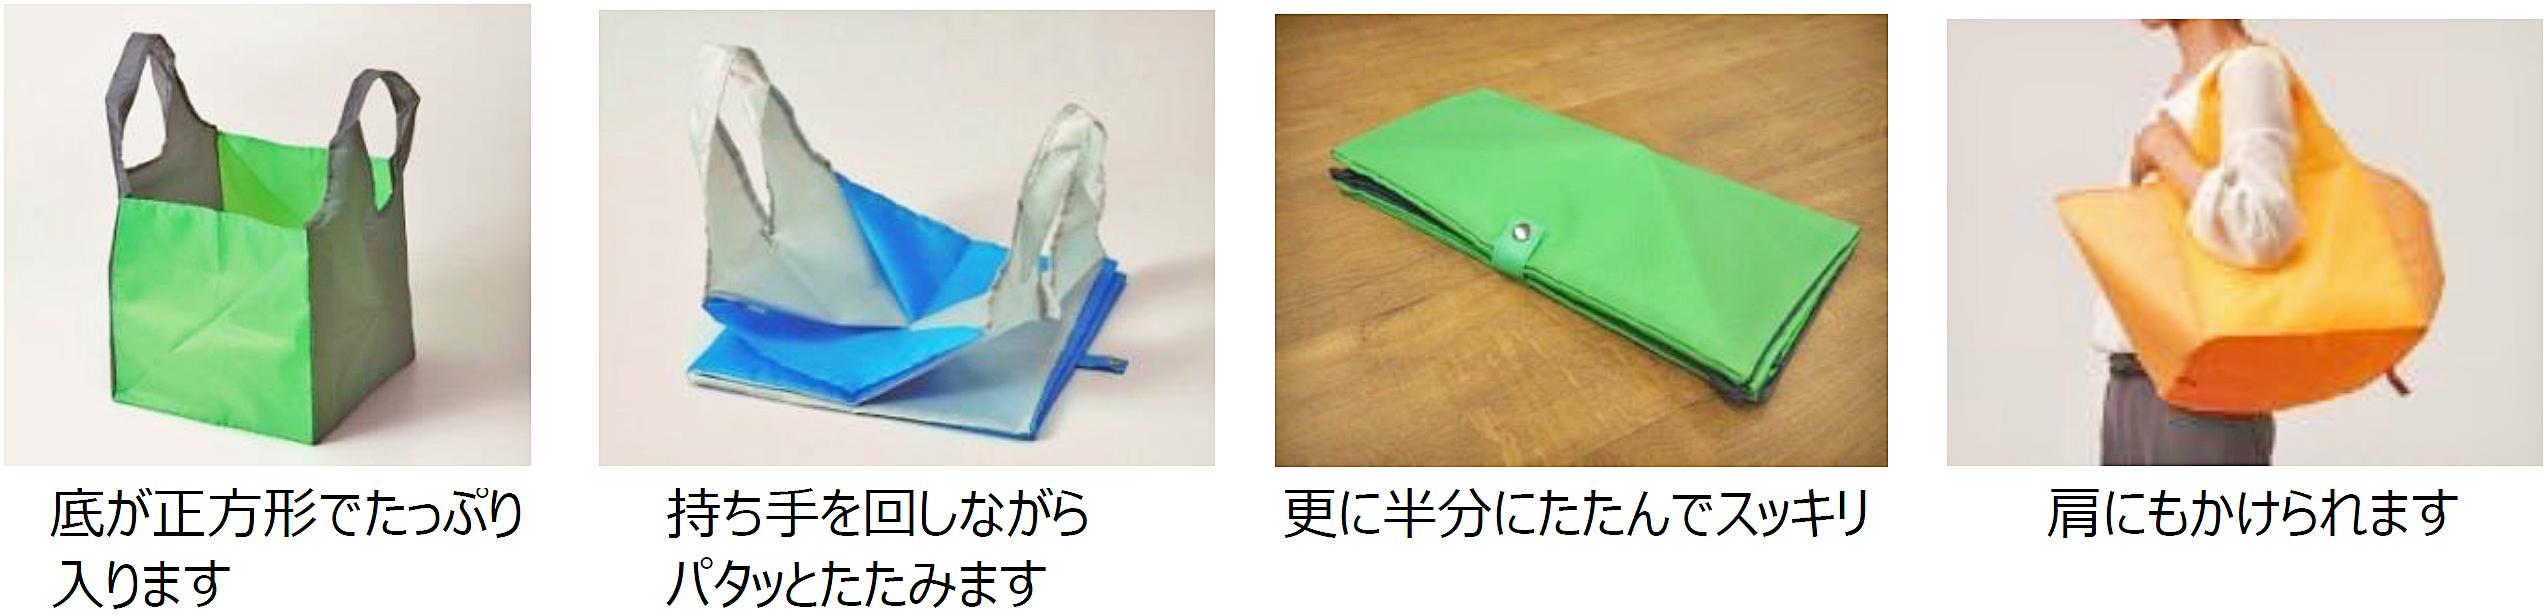 サミット×武蔵野美術大学/デザインプロジェクトで「エコバッグ」開発